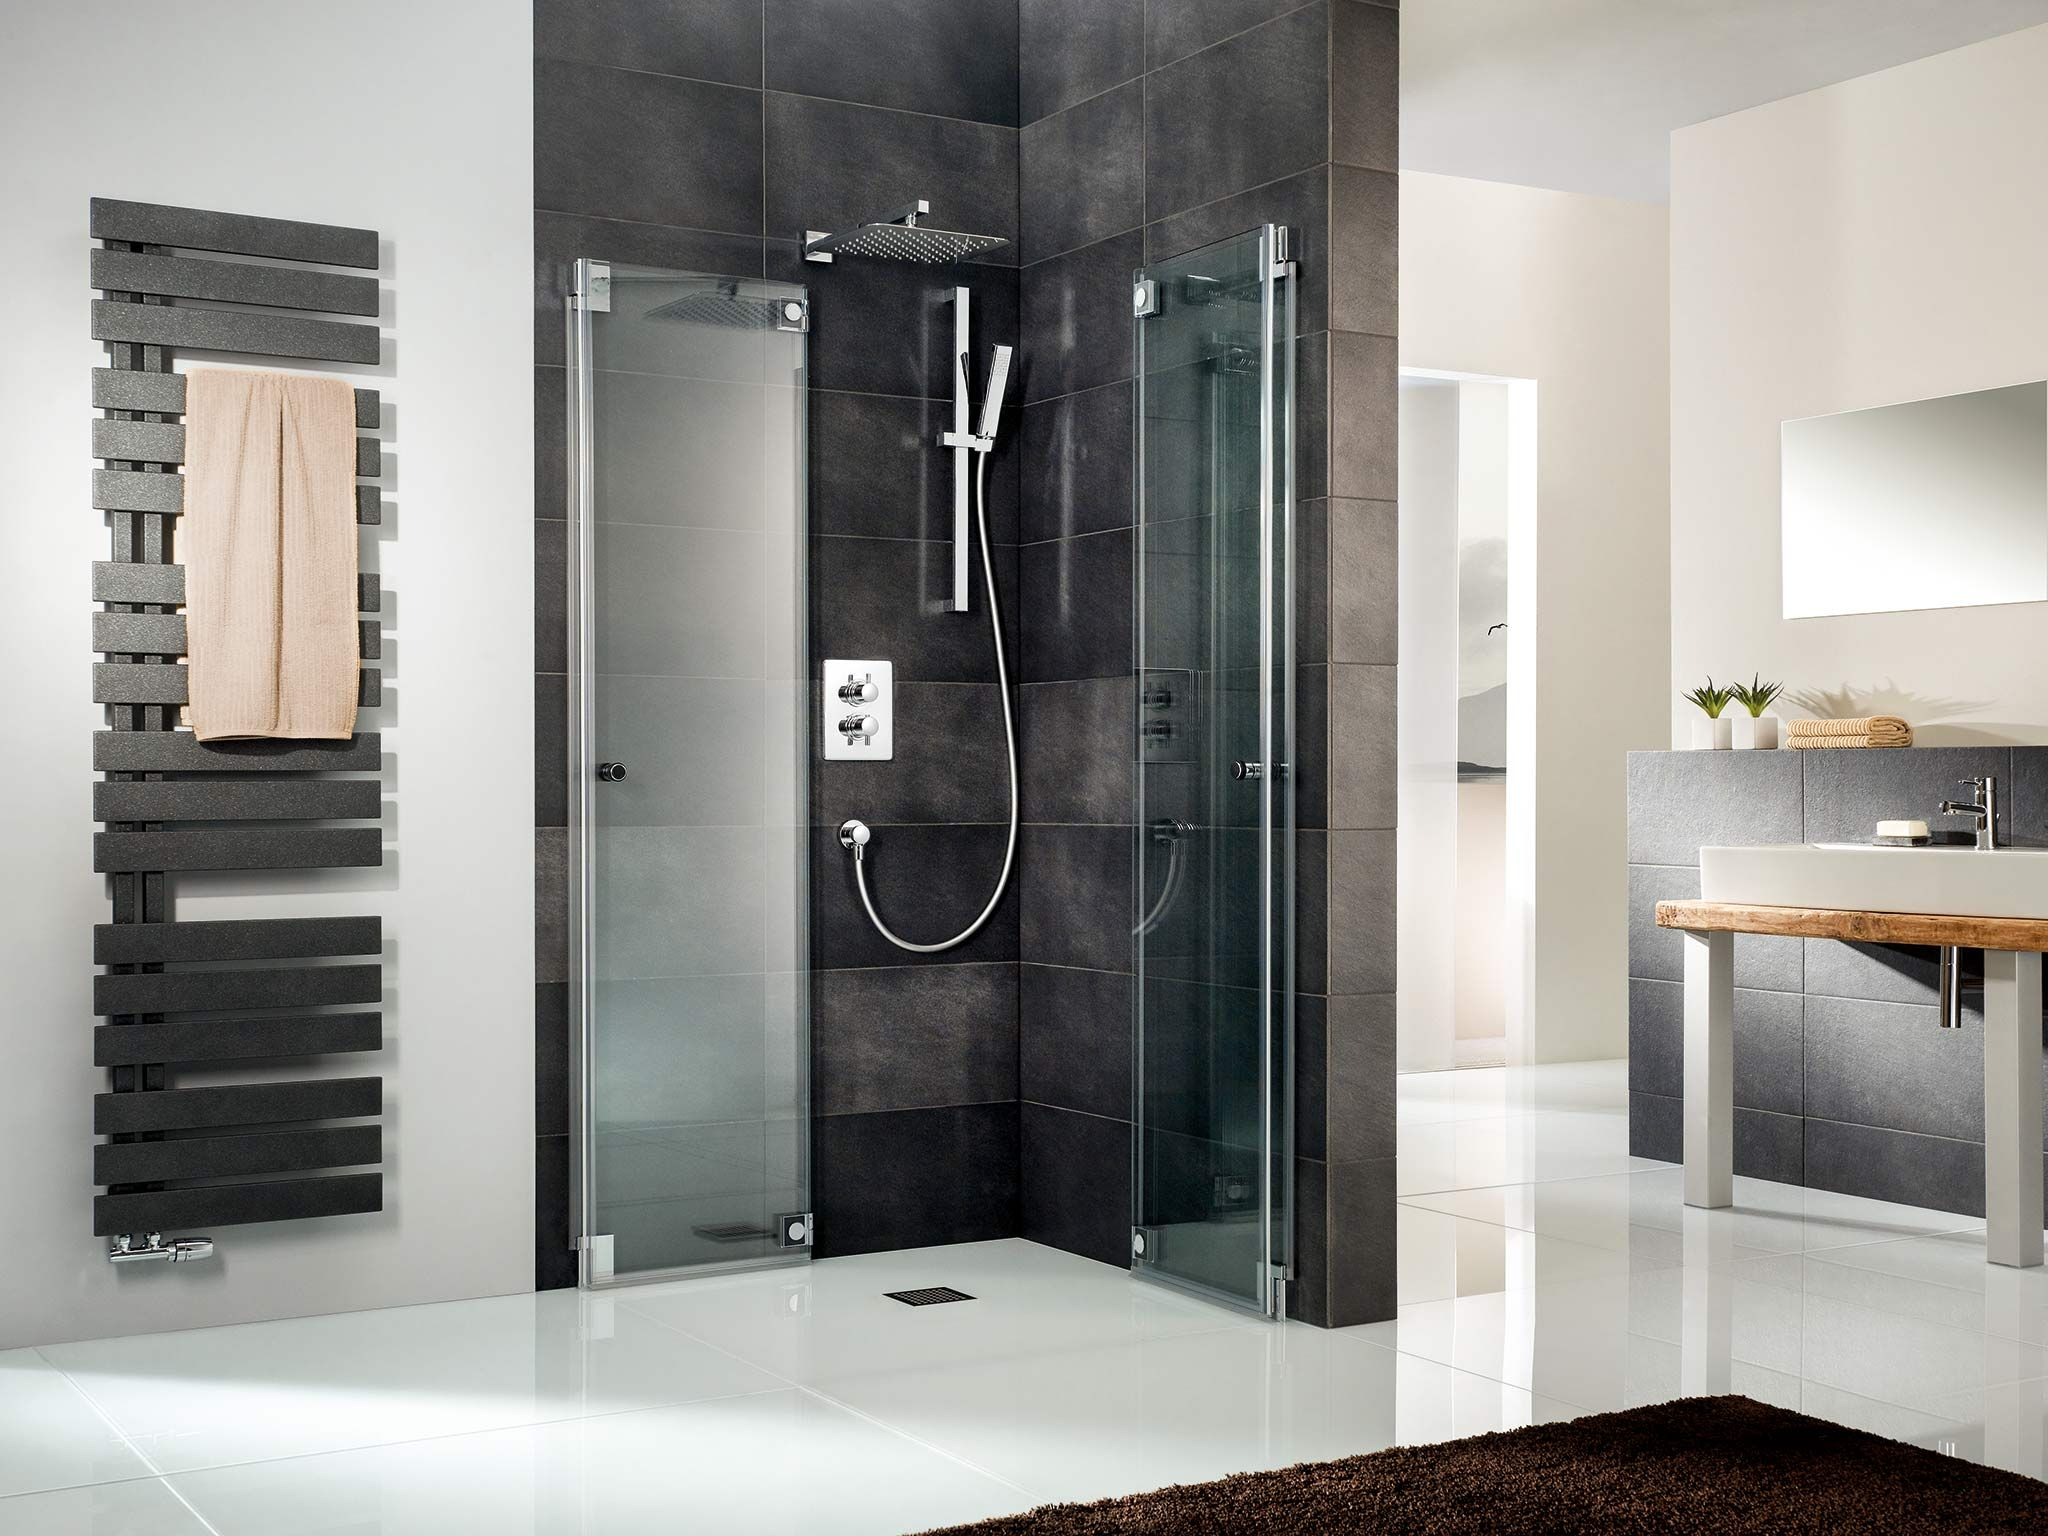 Duschkabine Glas HSK kreiert edle Duschen aus Echtglas